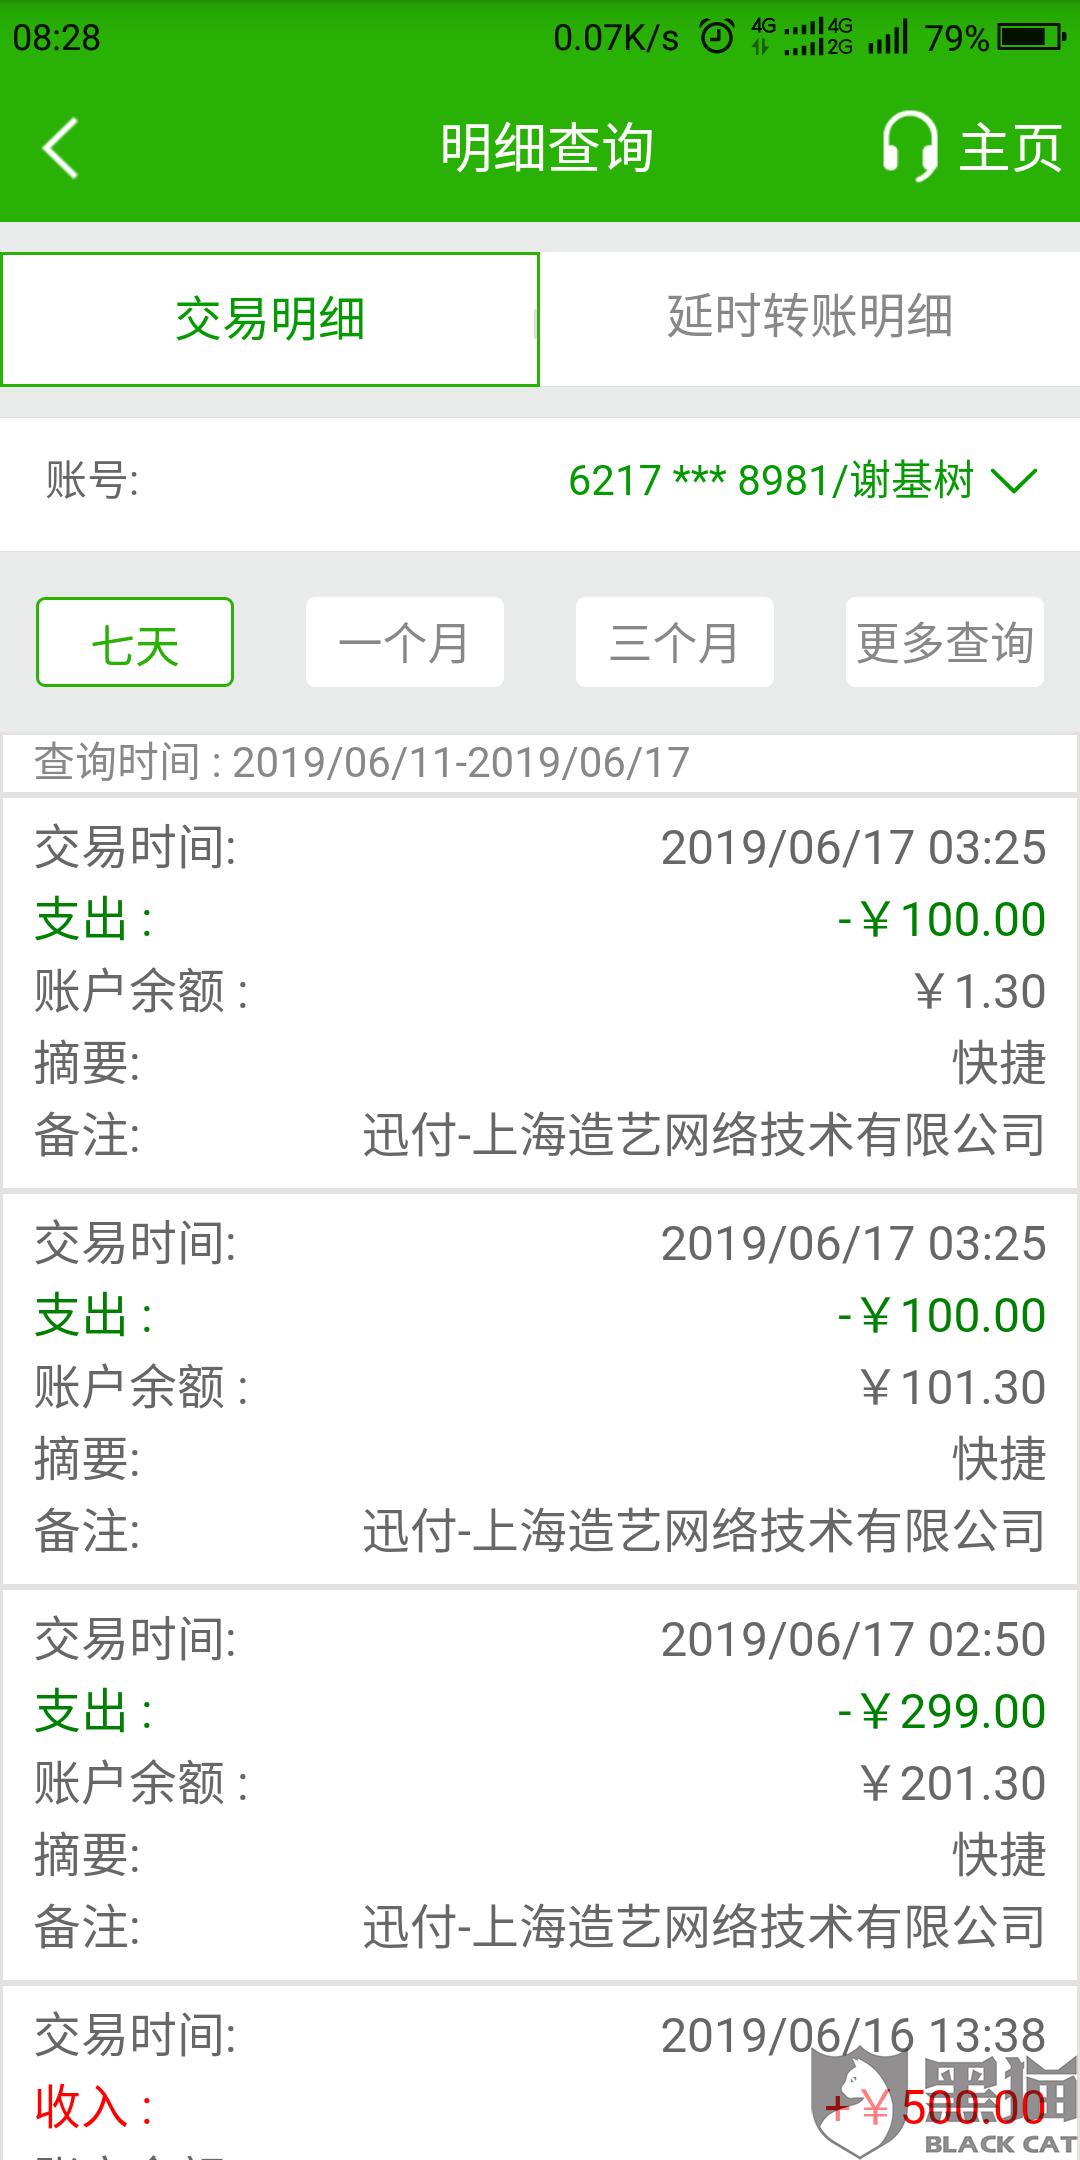 黑猫投诉:迅付-上海造艺网络技术有限公司和人人乐钱包无故扣款